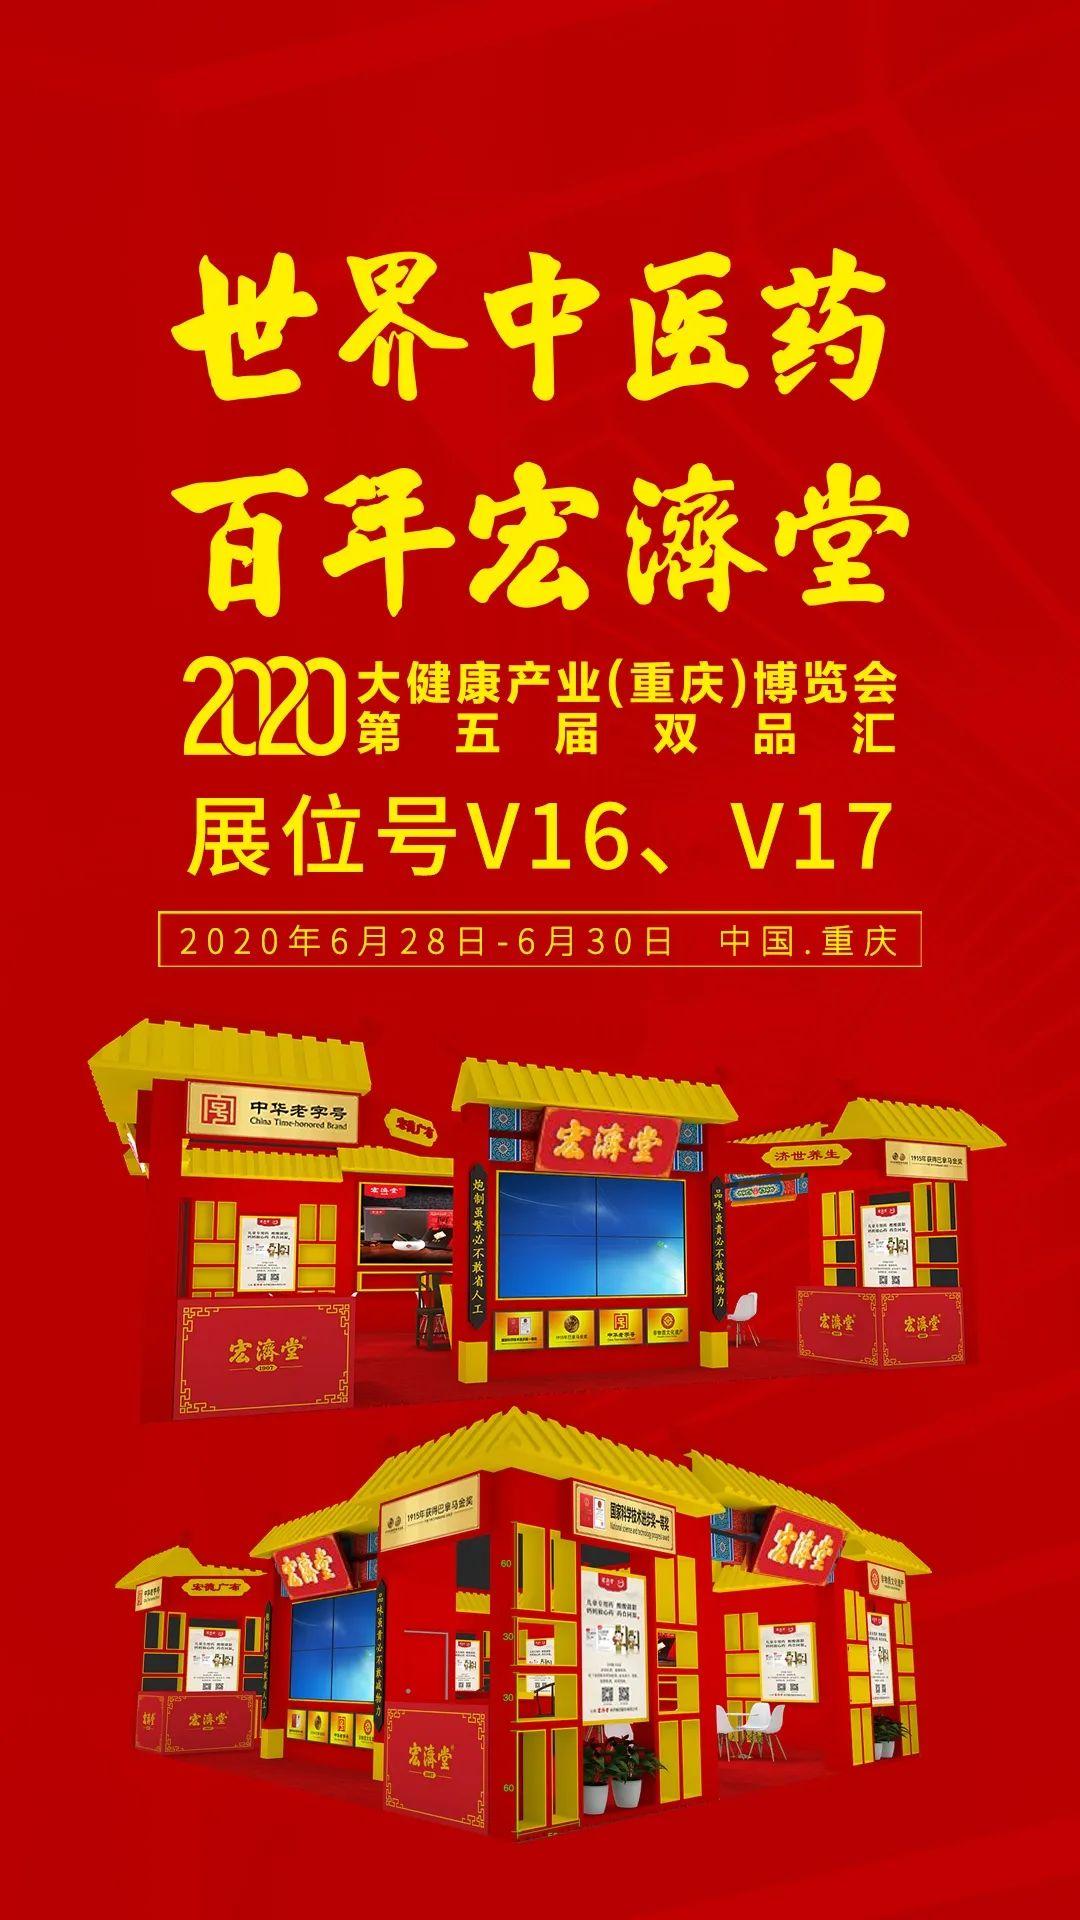 宏济堂制药将精彩亮相2020年大健康产业博览会插图(2)